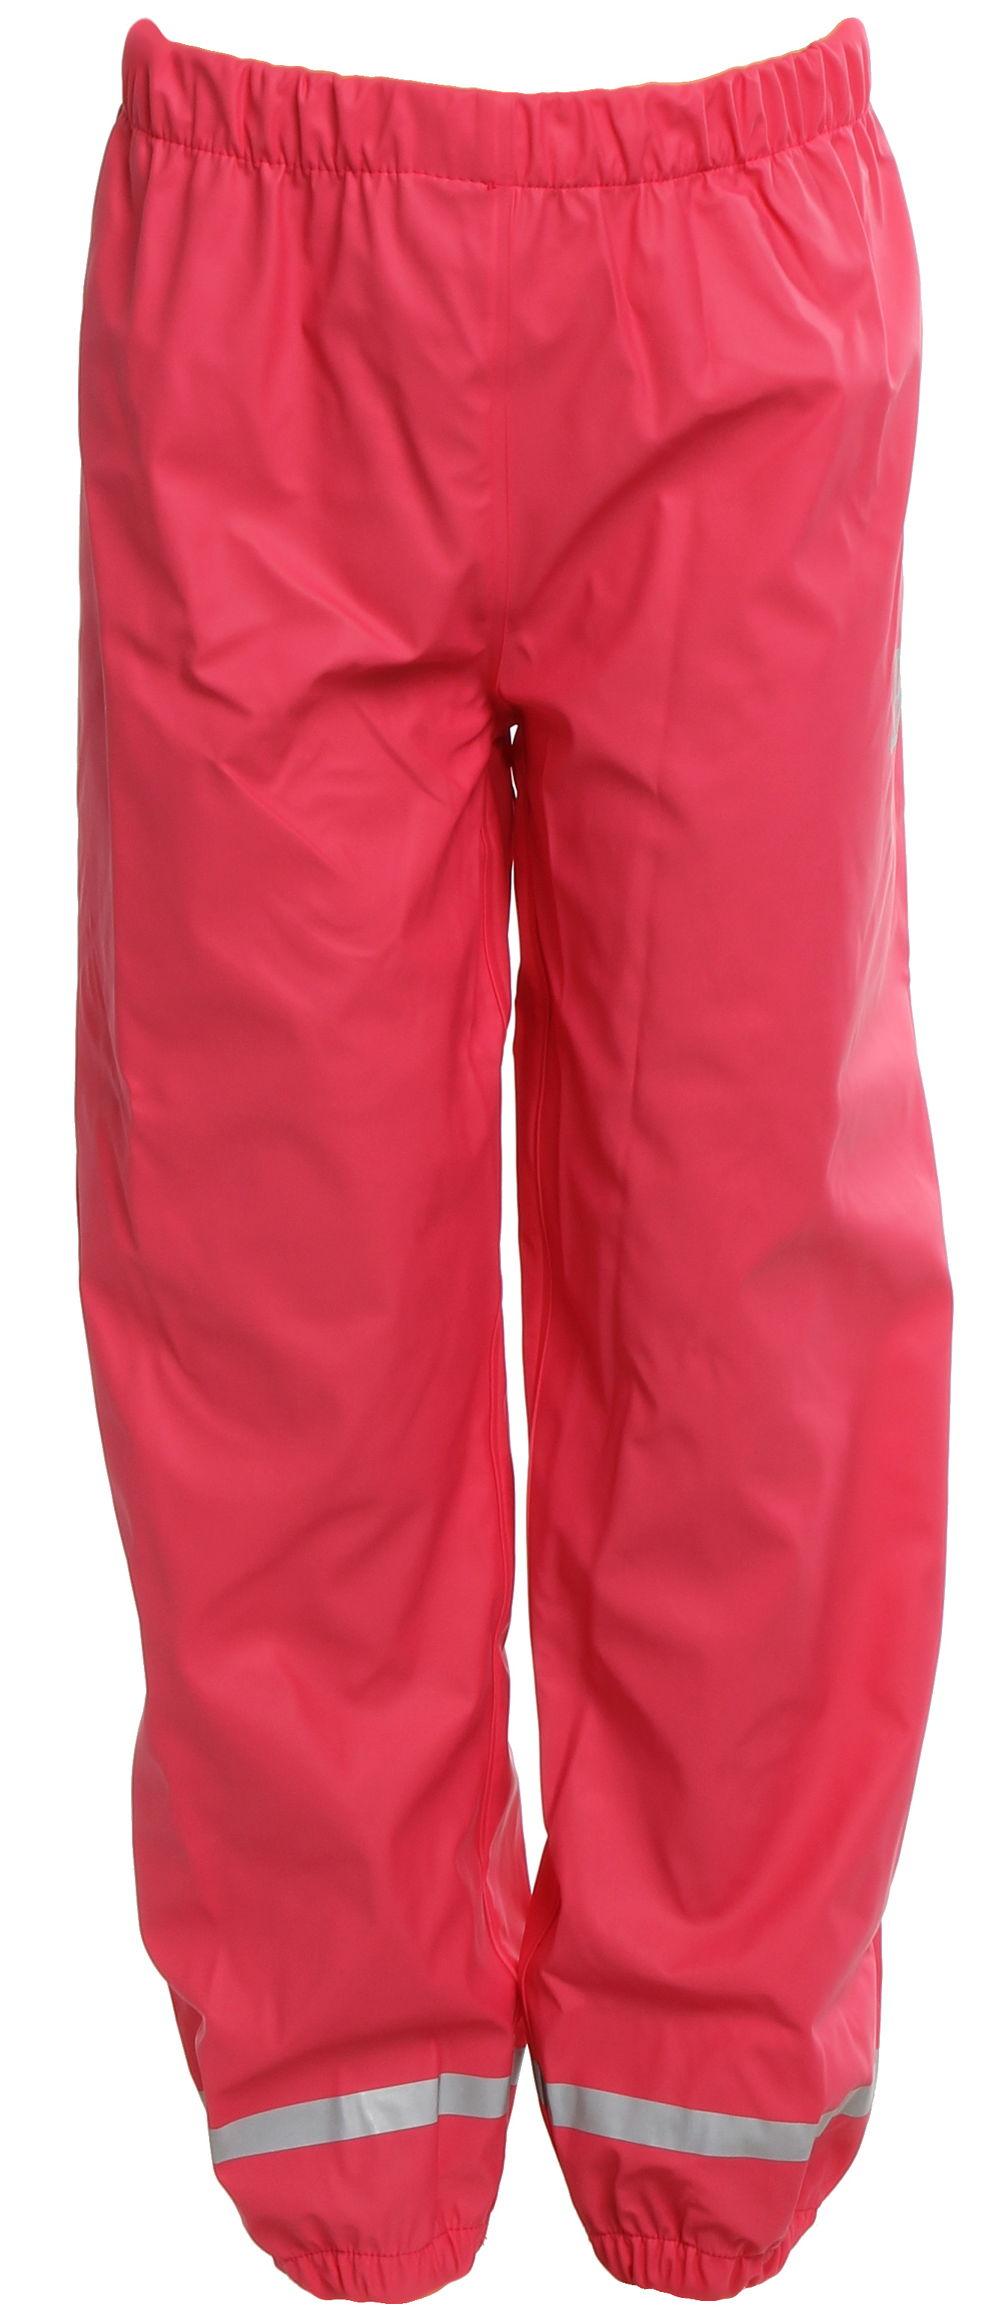 Dívčí nepromokavé kalhoty s reflexními prvky Loap vel. 2 - 3 éves, 98 cm